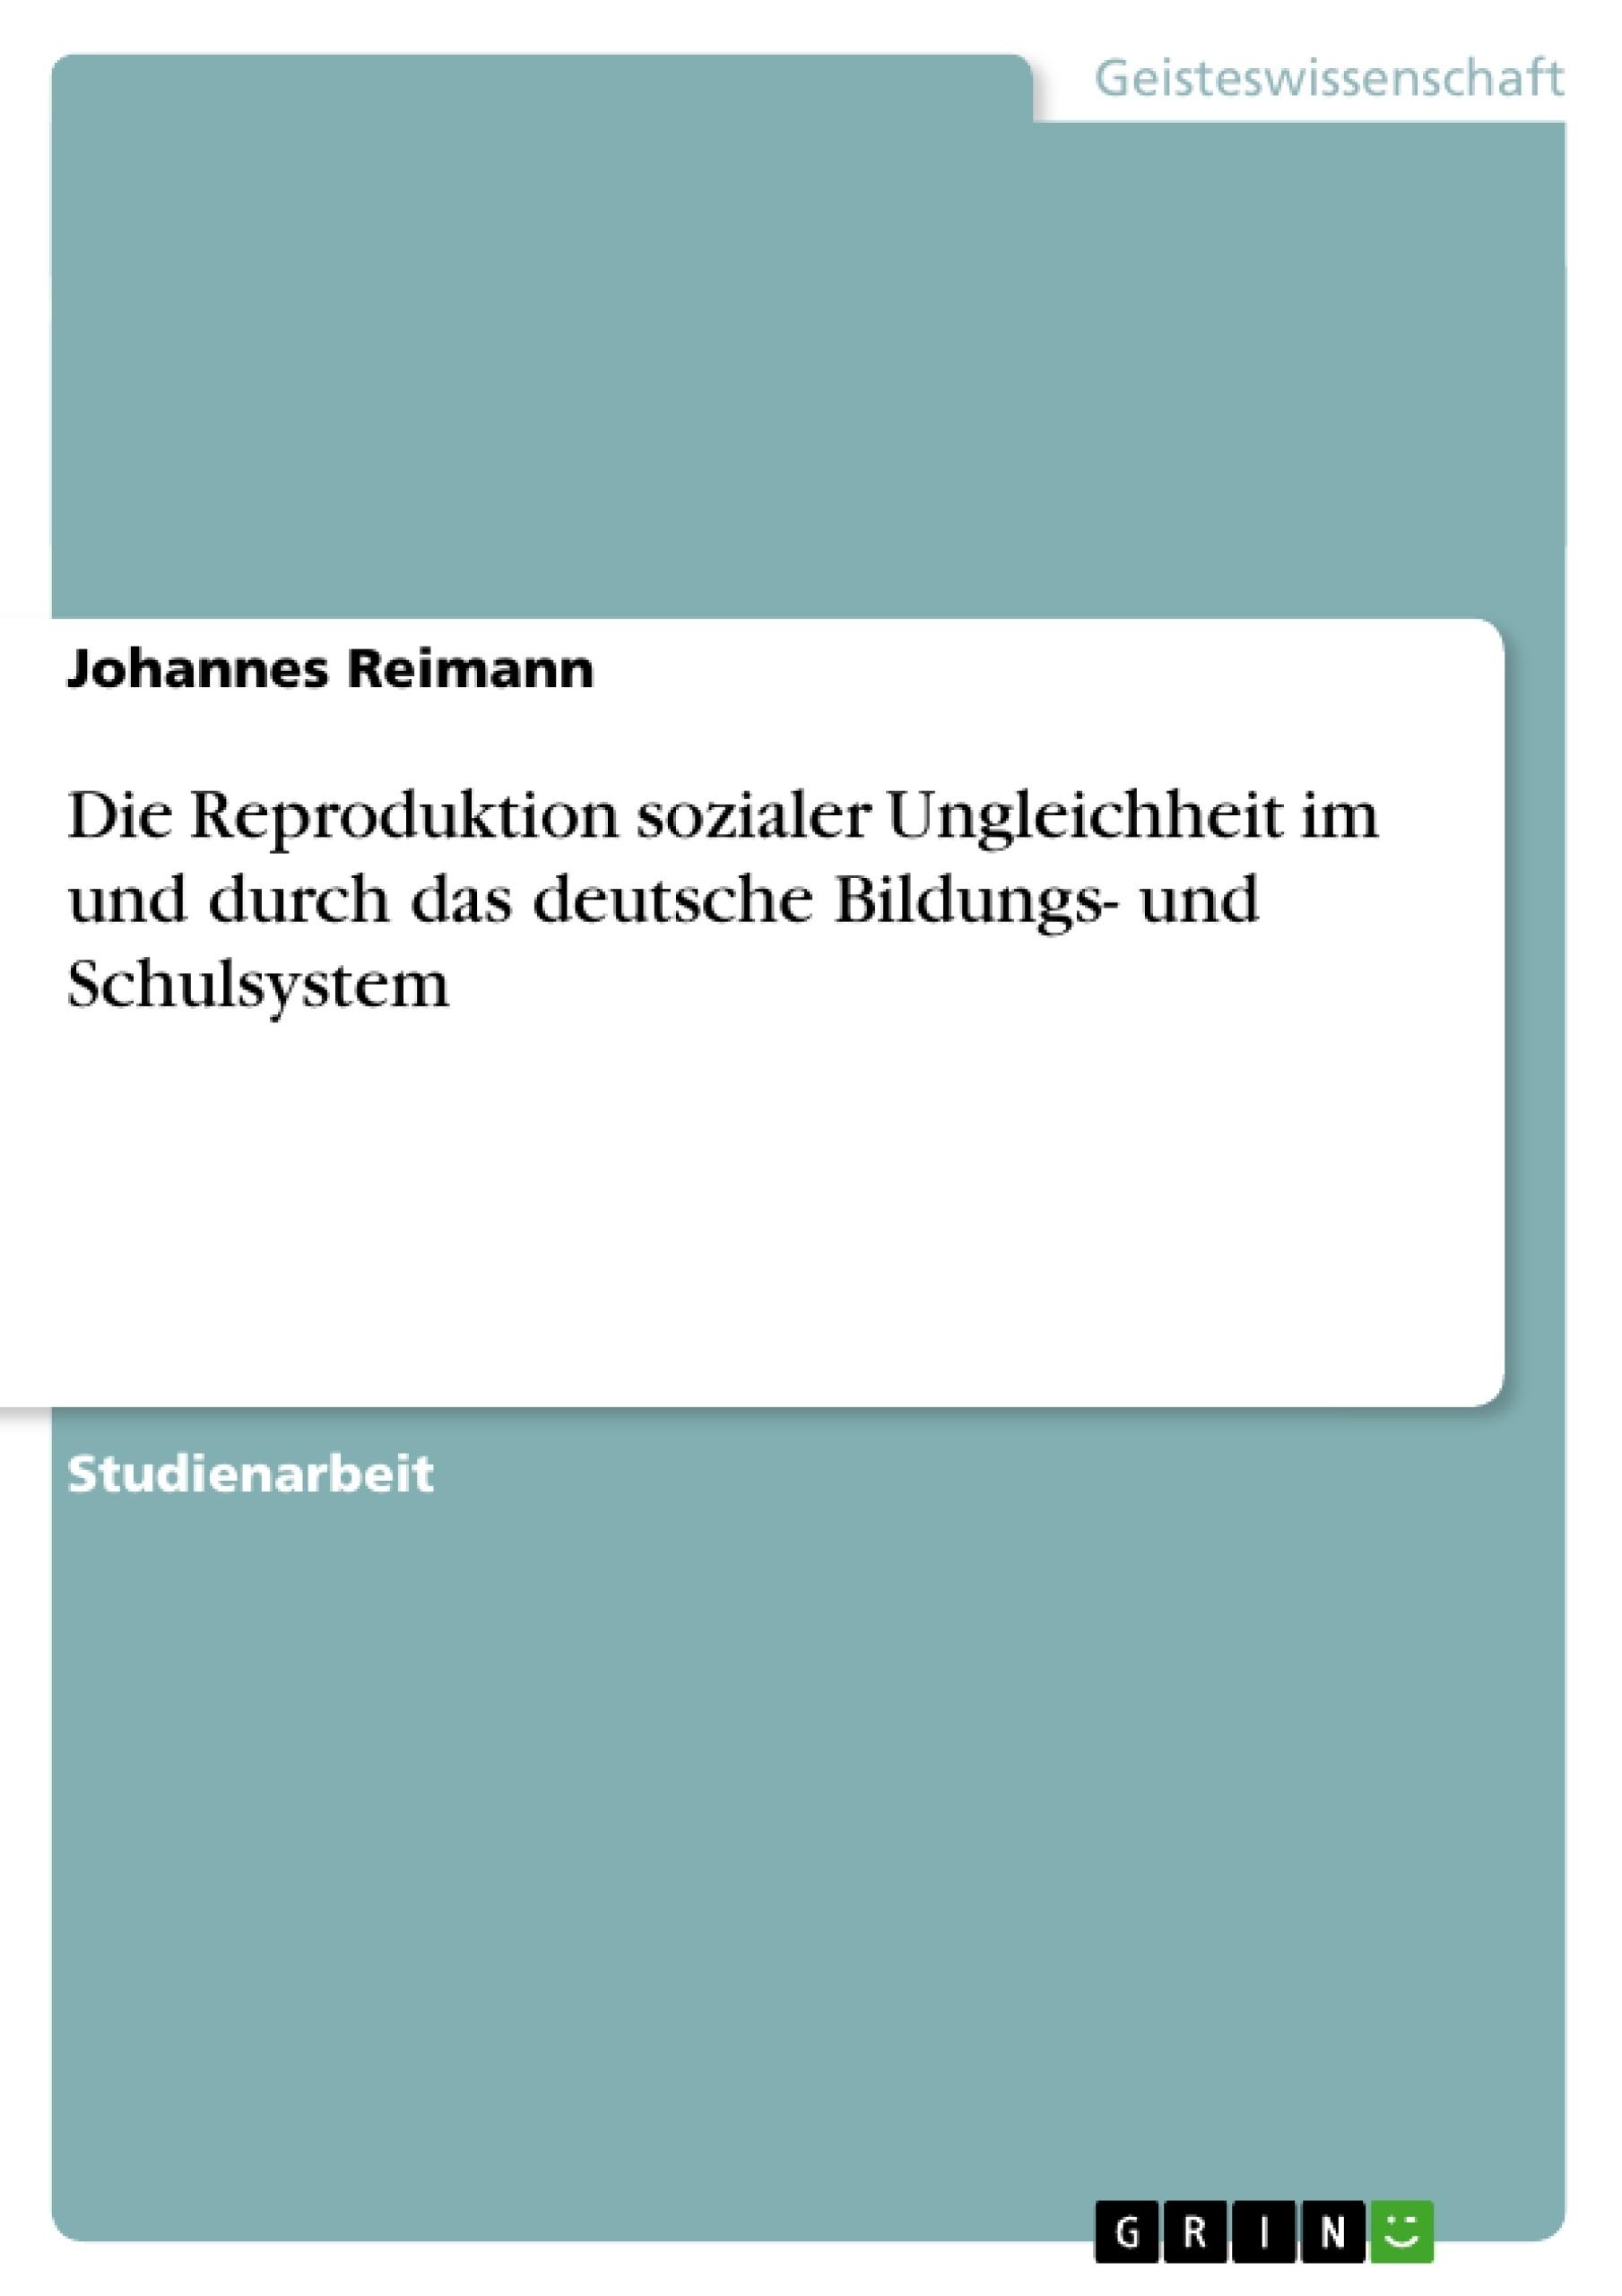 Titel: Die Reproduktion sozialer Ungleichheit im und durch das deutsche Bildungs- und Schulsystem